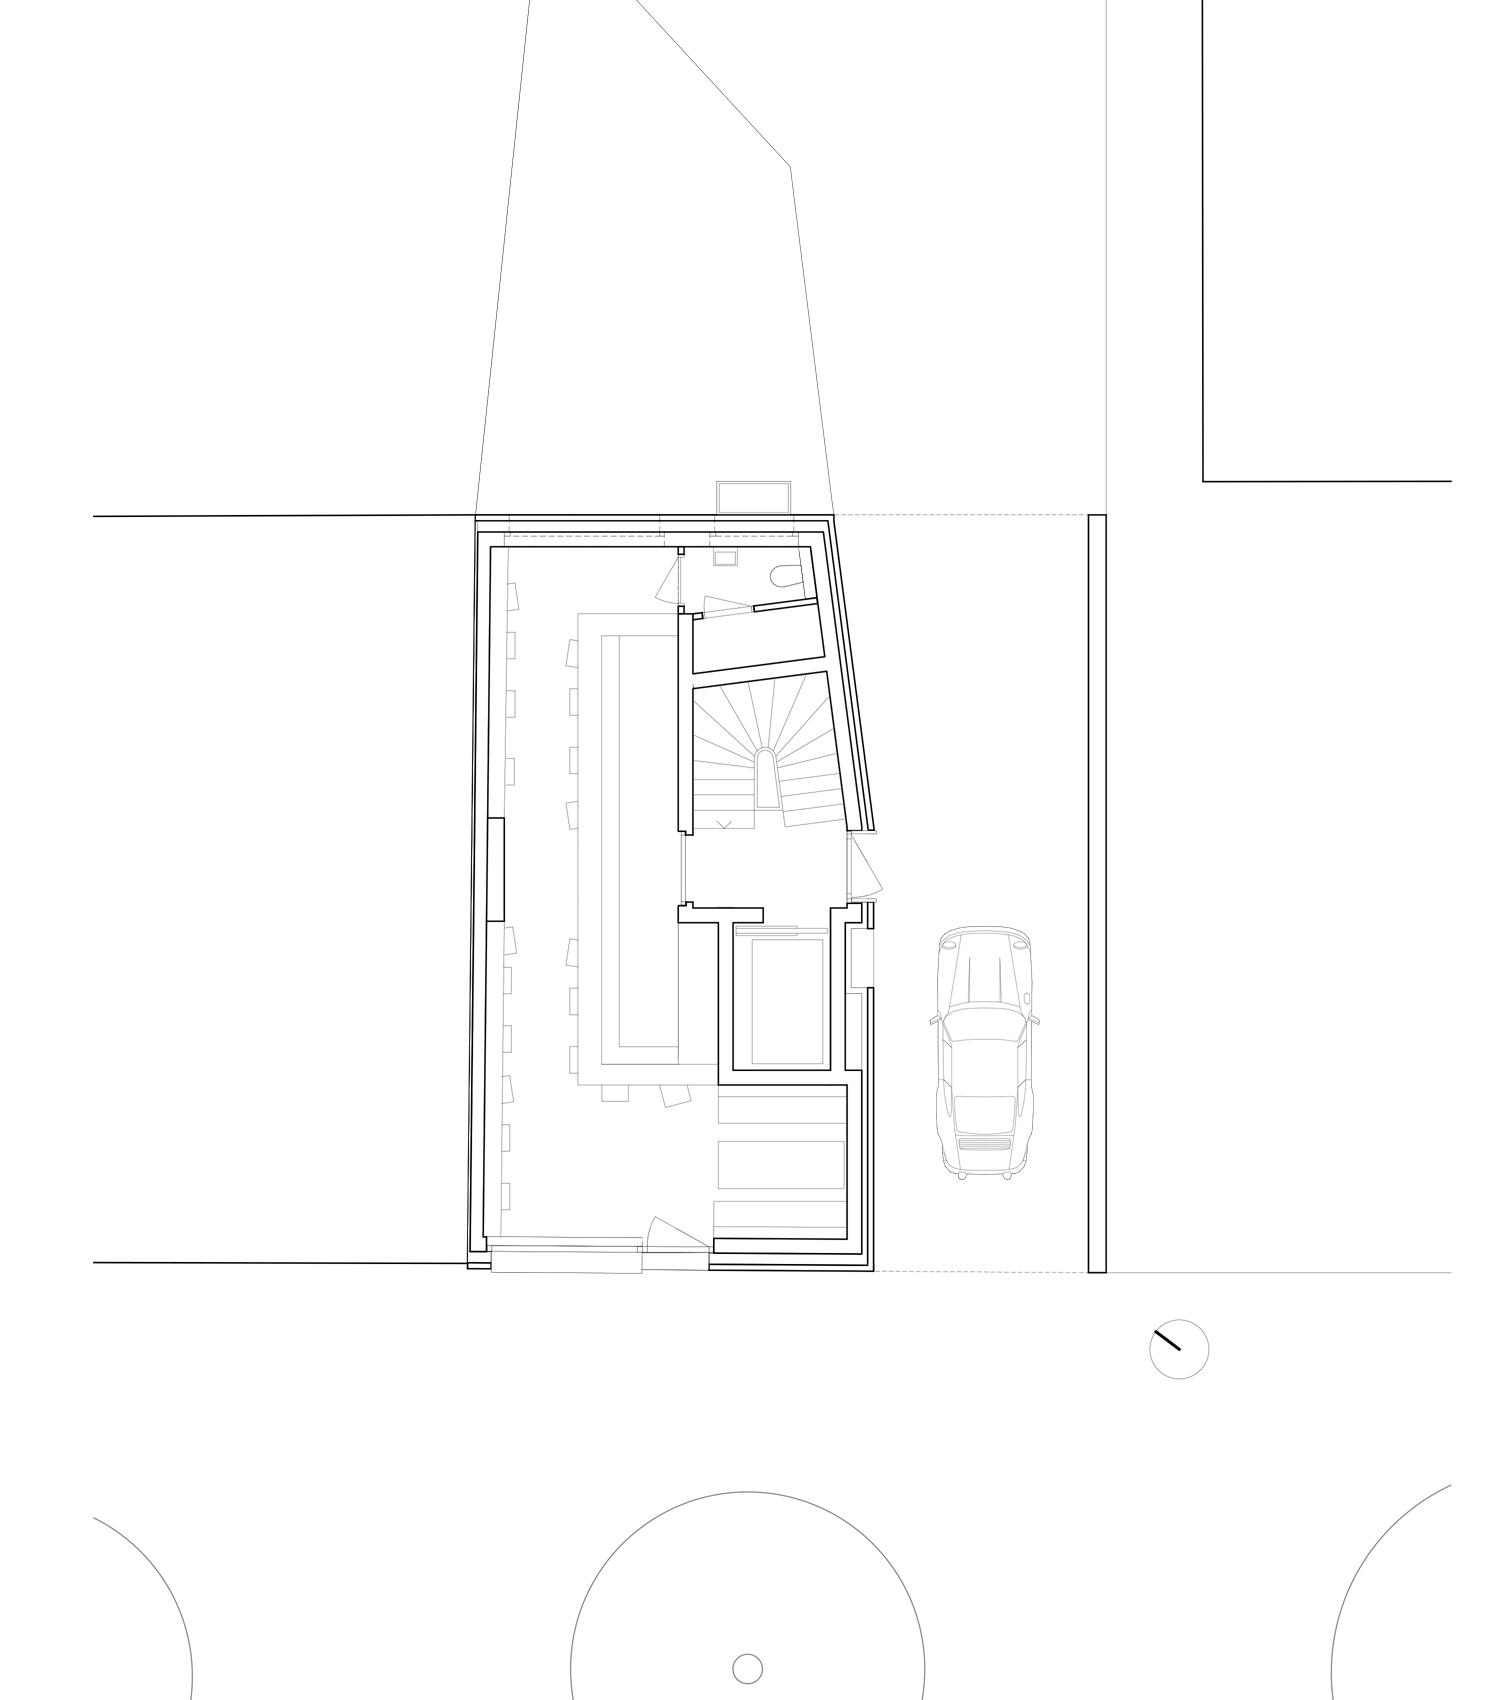 archaic_Wietersheim_Chausseestrasse_3.jpg